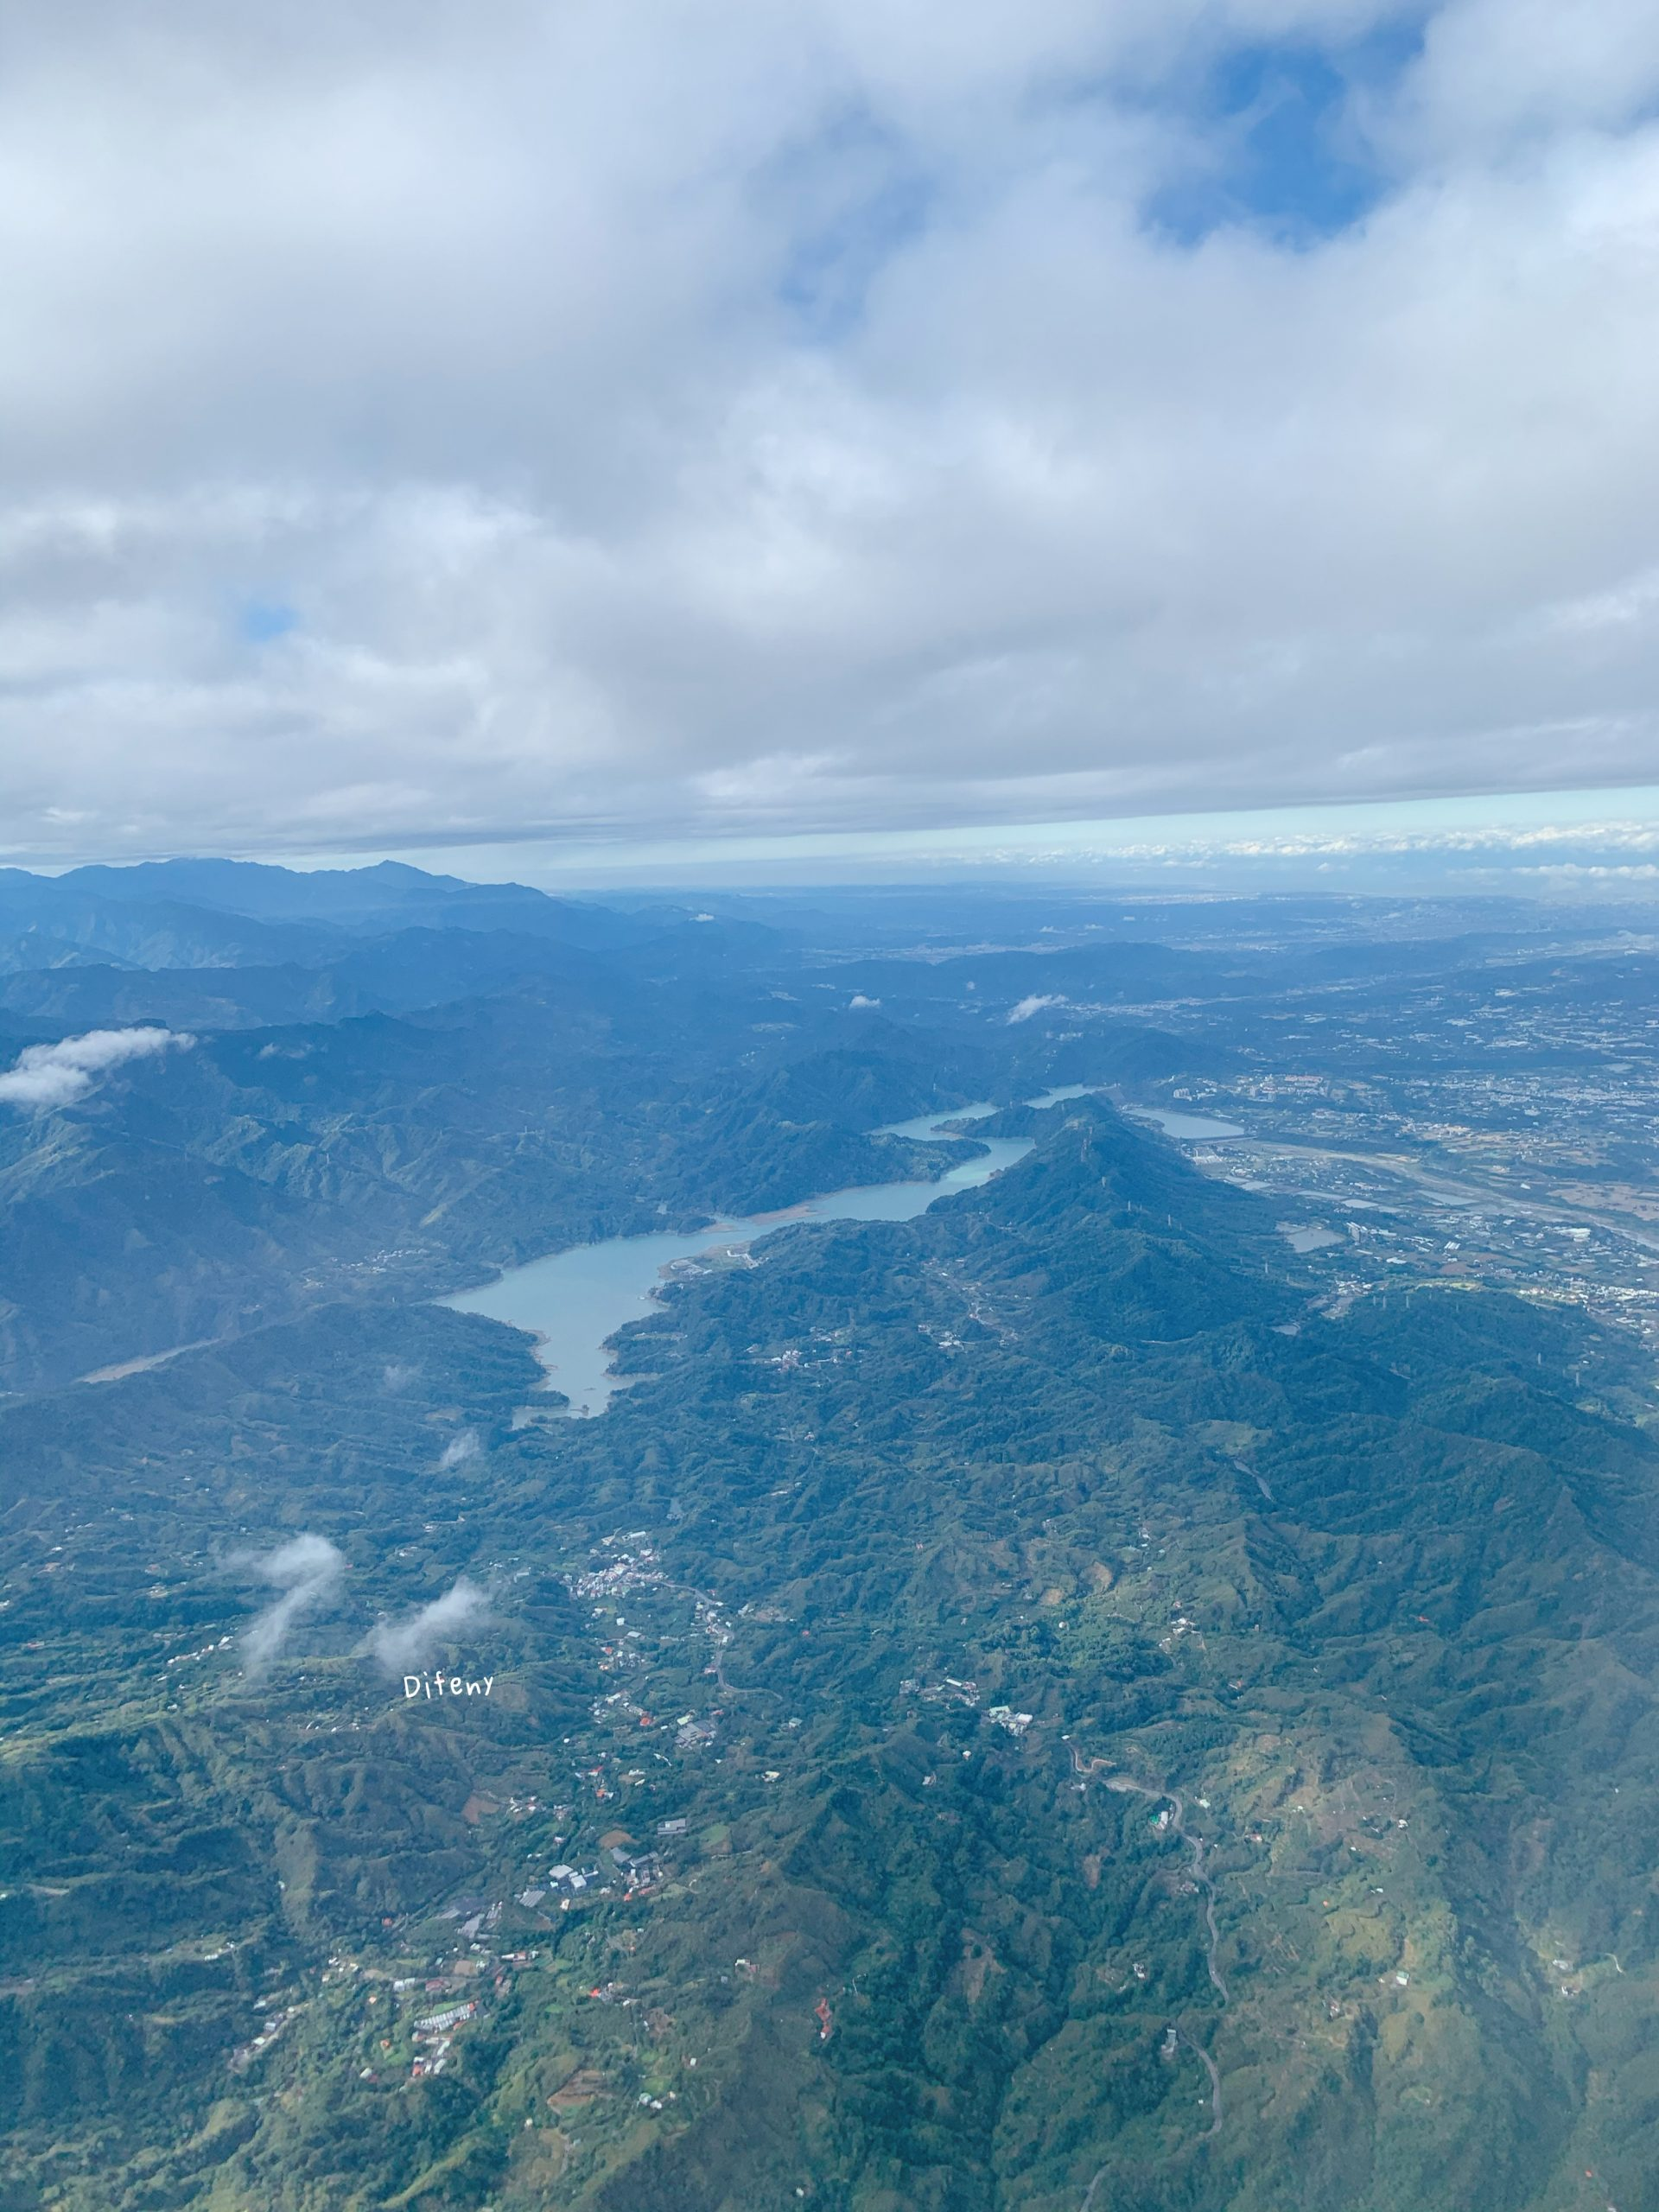 旅行中的危機處理|瑞芳火車隧道土石坍方,花蓮回台北轉搭飛機的5分鐘決策~